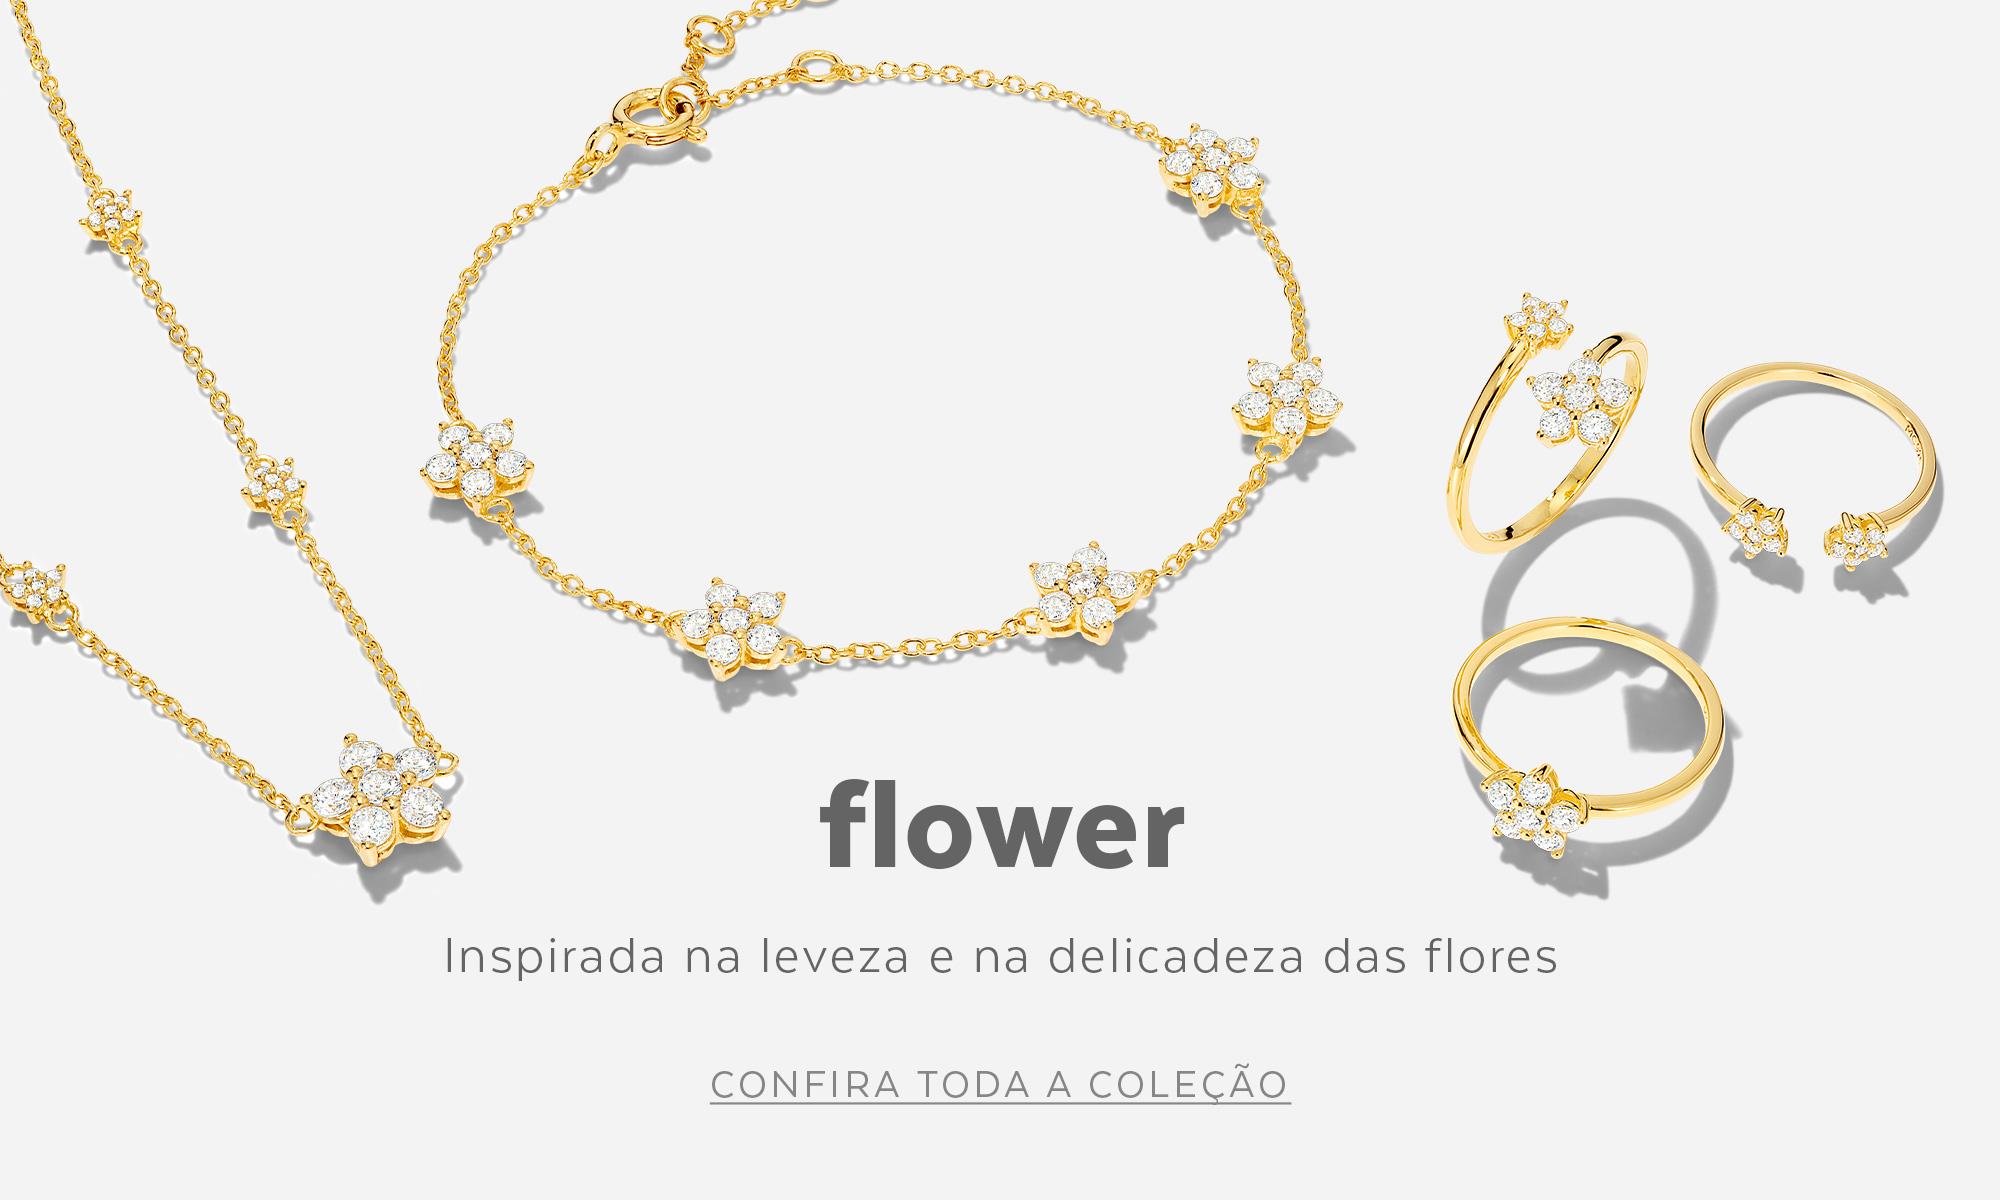 Coleção Flower